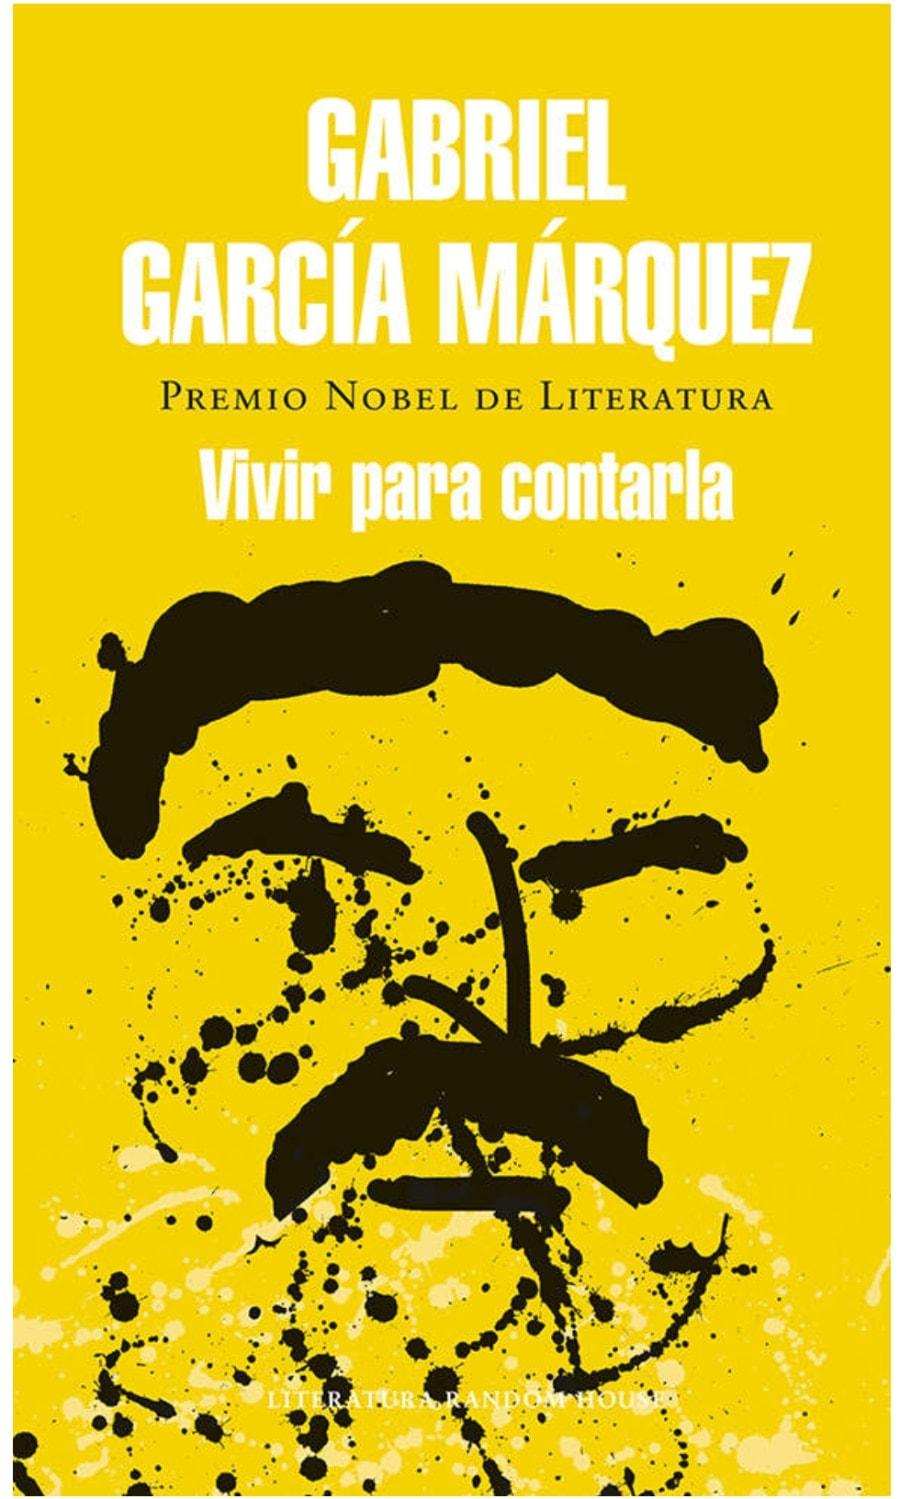 Vivir para contarla de Gabriel Garcia Marquez